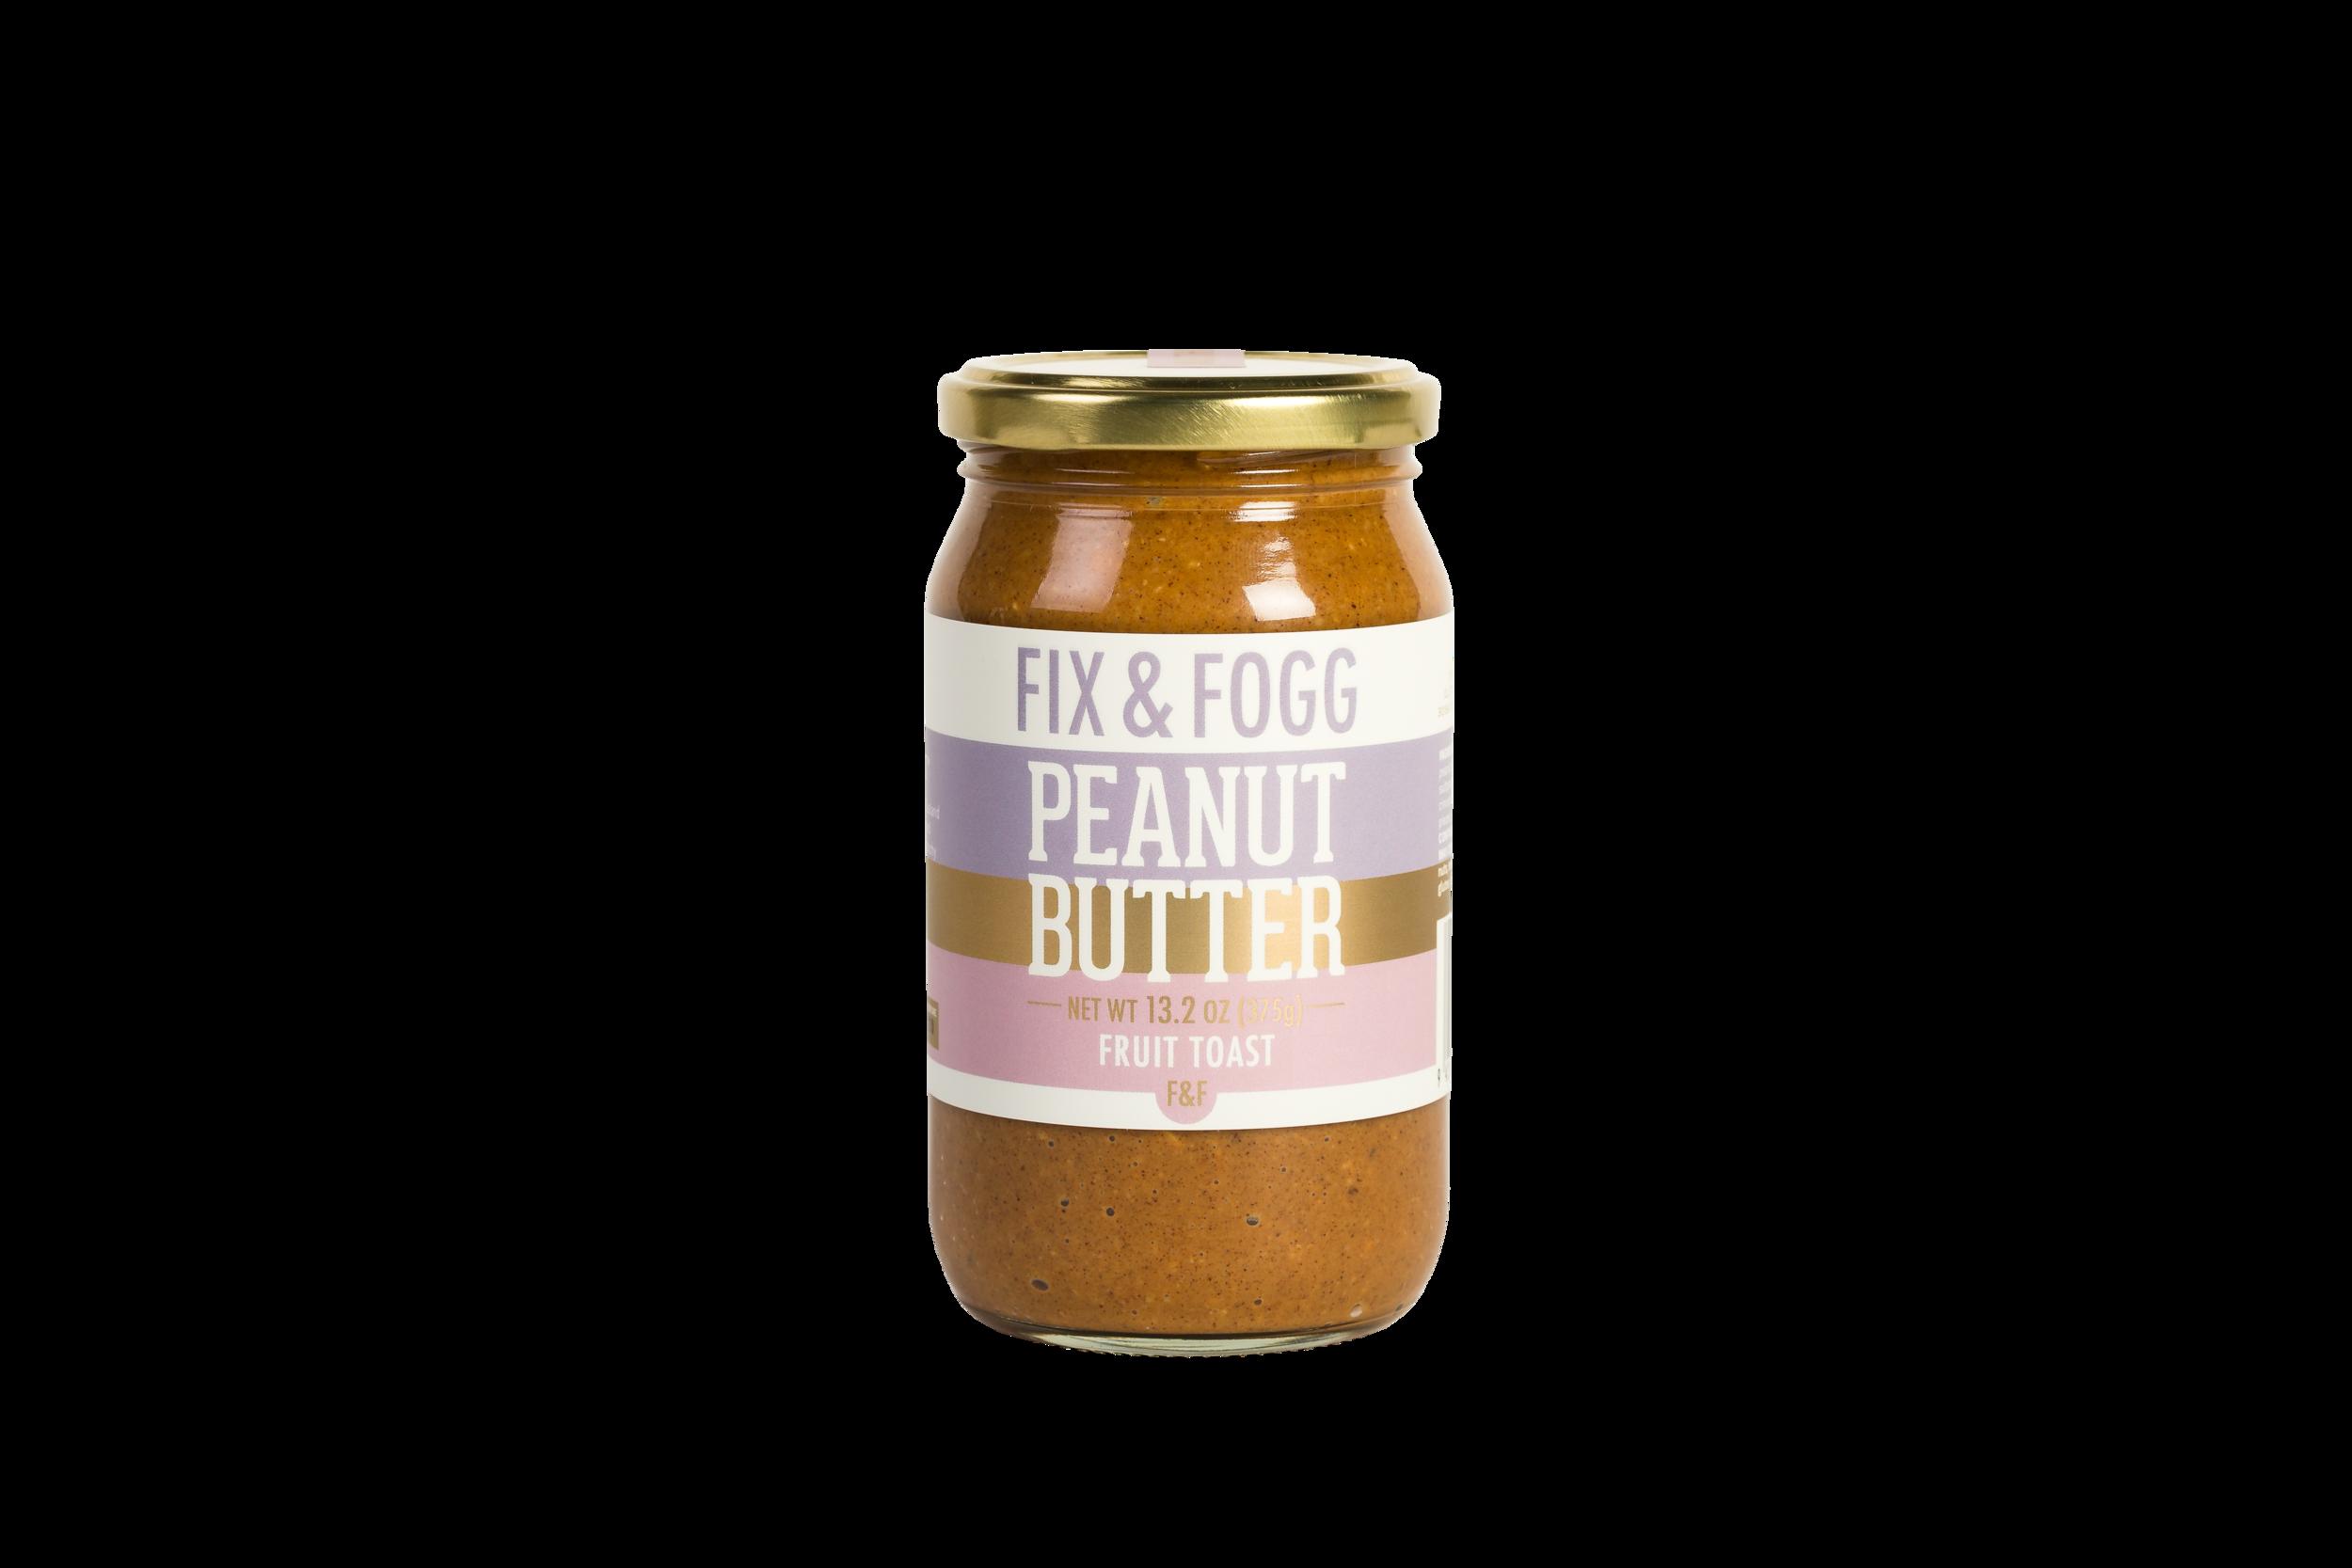 Fruit Toast peanut butter -